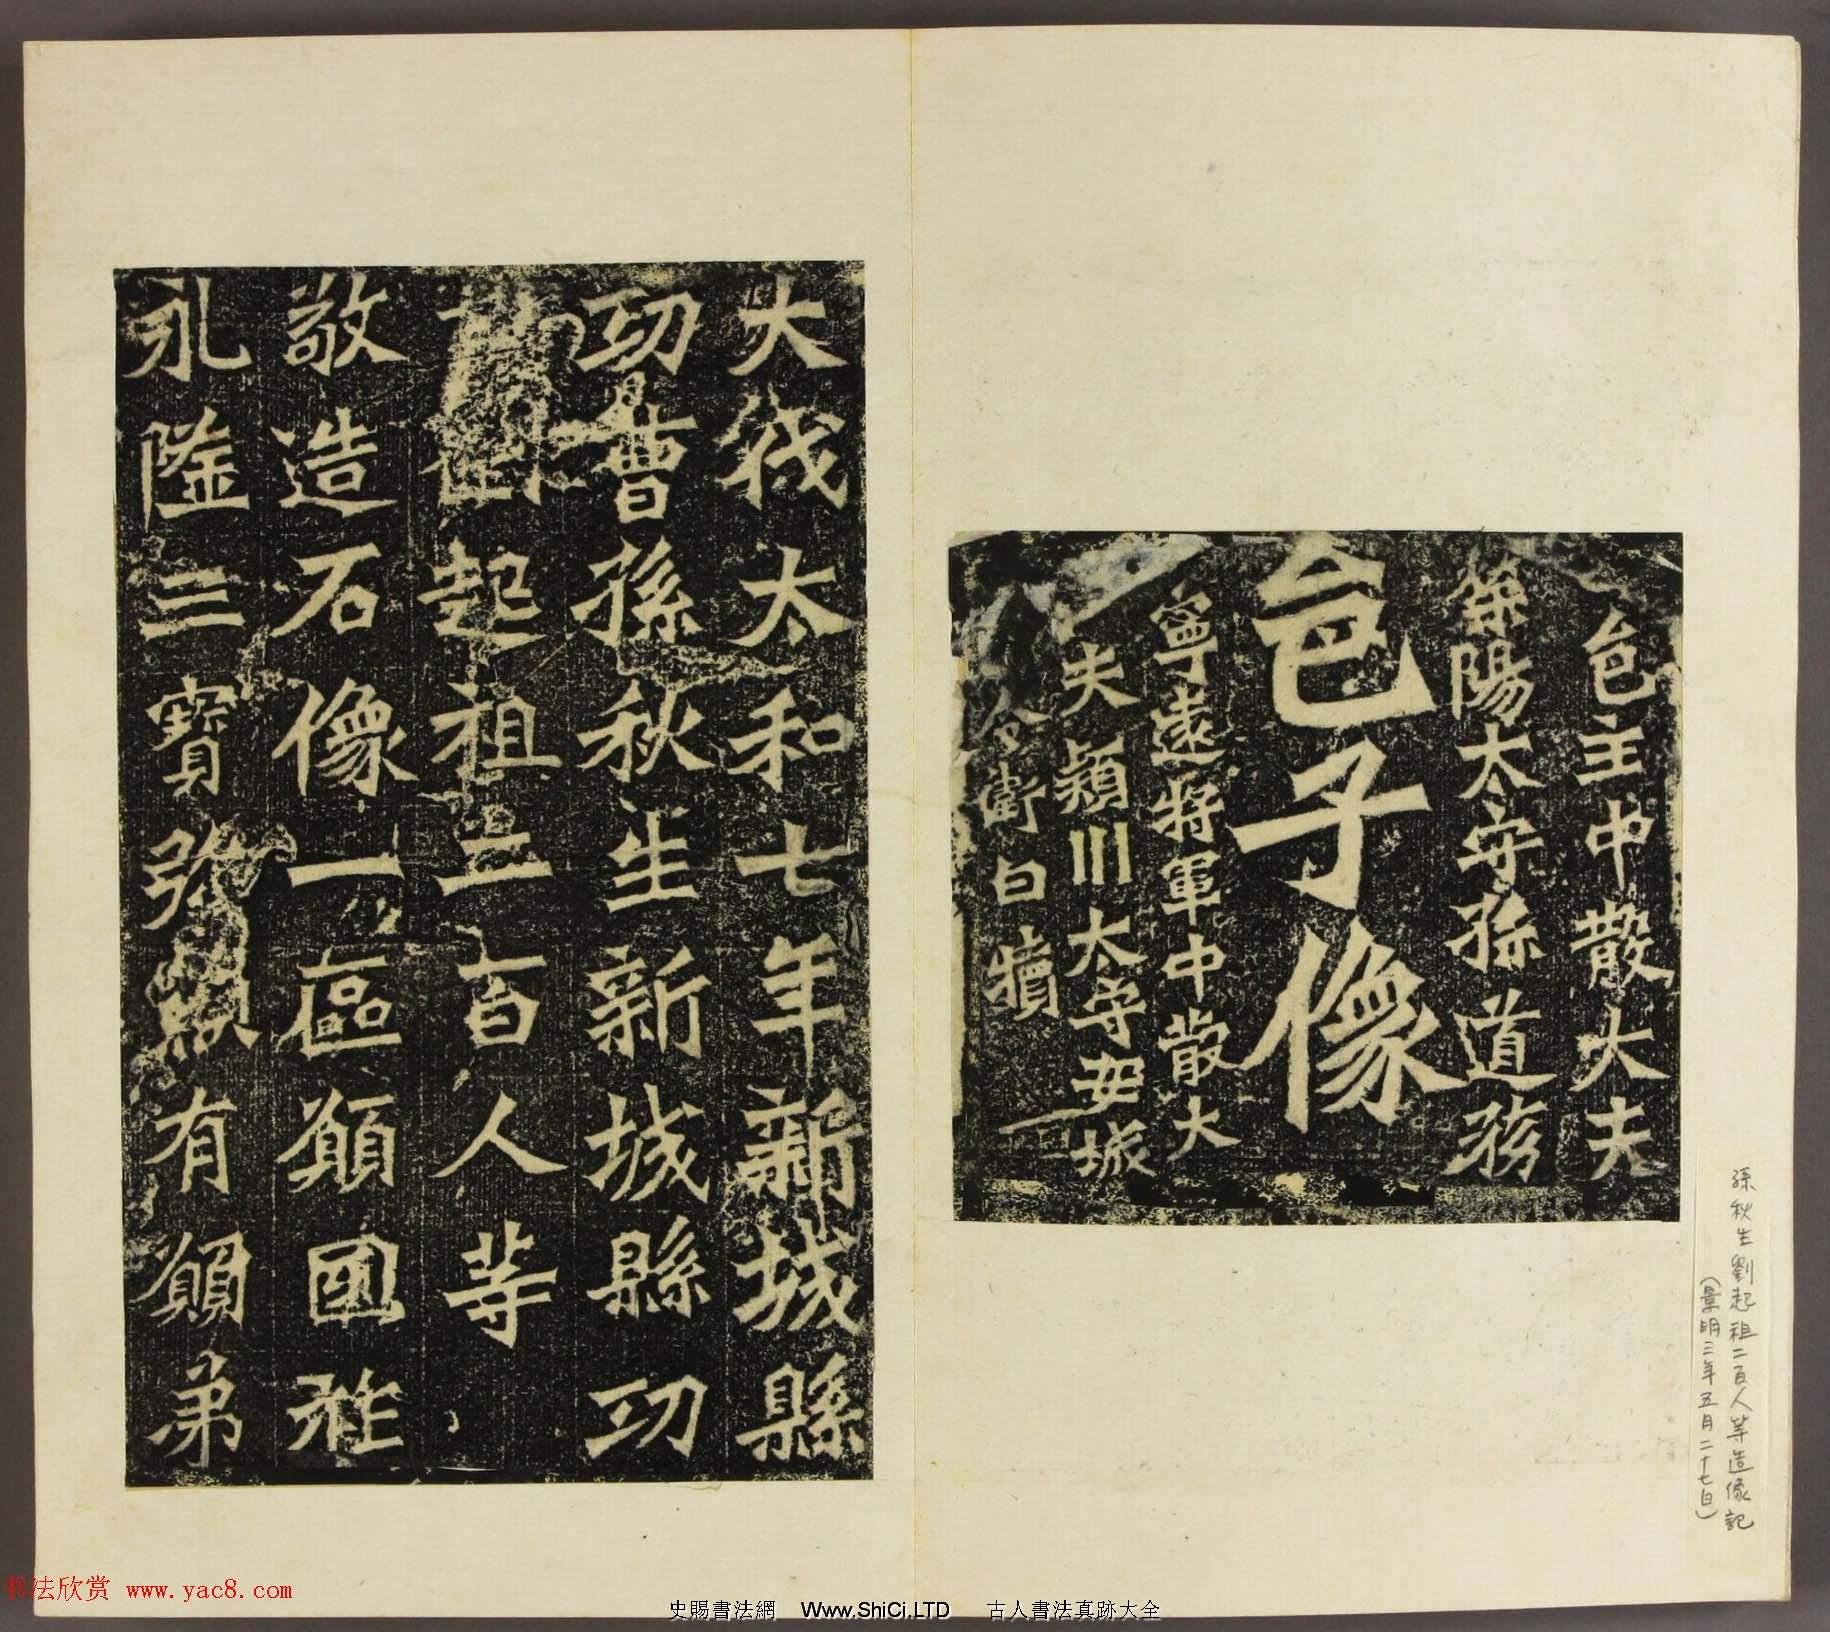 北魏碑刻書法欣賞《龍門造像銘》拓本